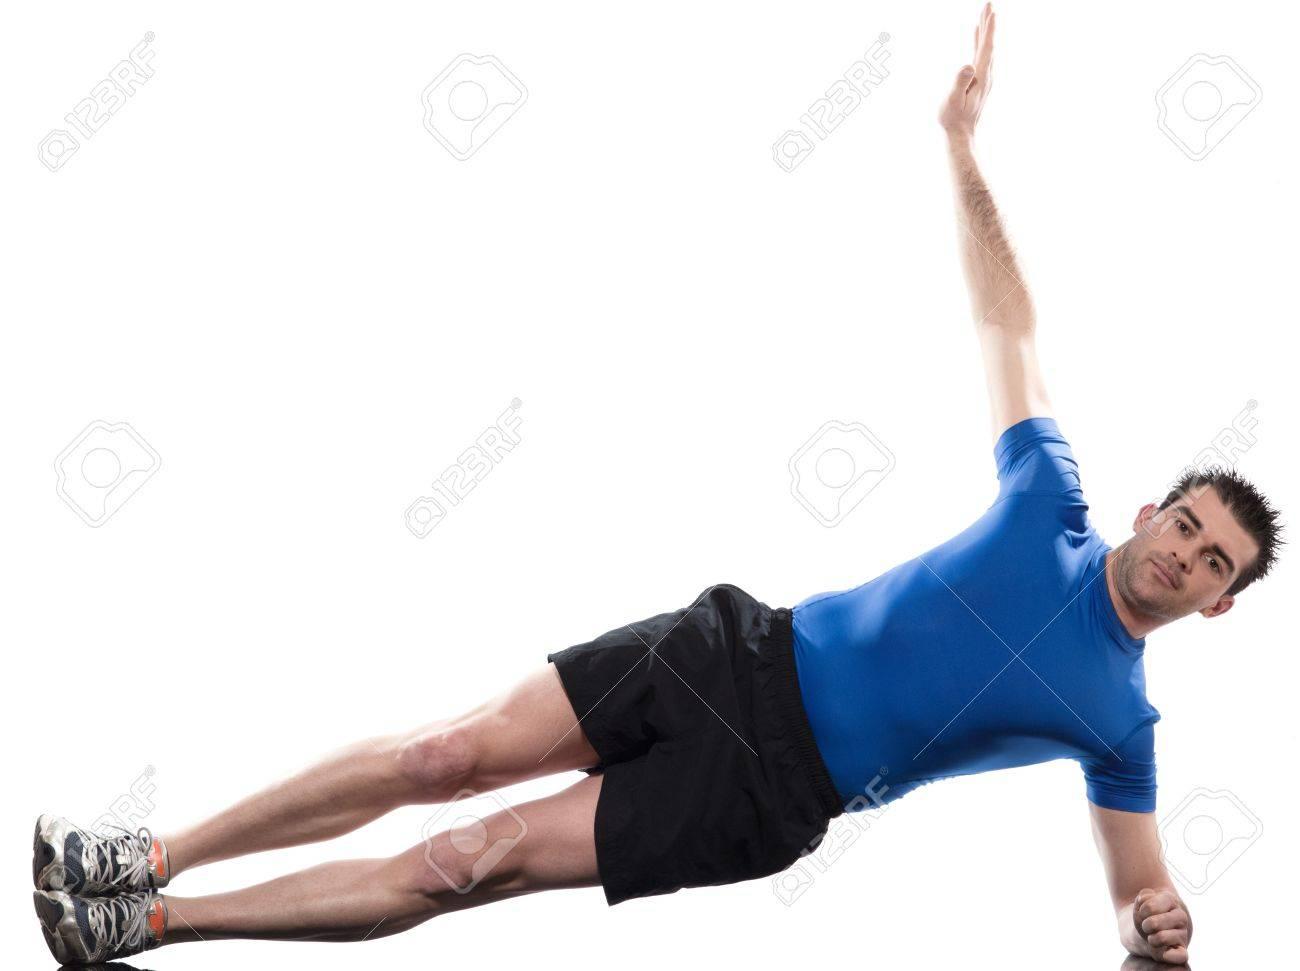 Foto de archivo - Hombre que yacía en postura lateral entrenamiento  Abdominales en estudio aislado de fondo blanco 294e48dff85e